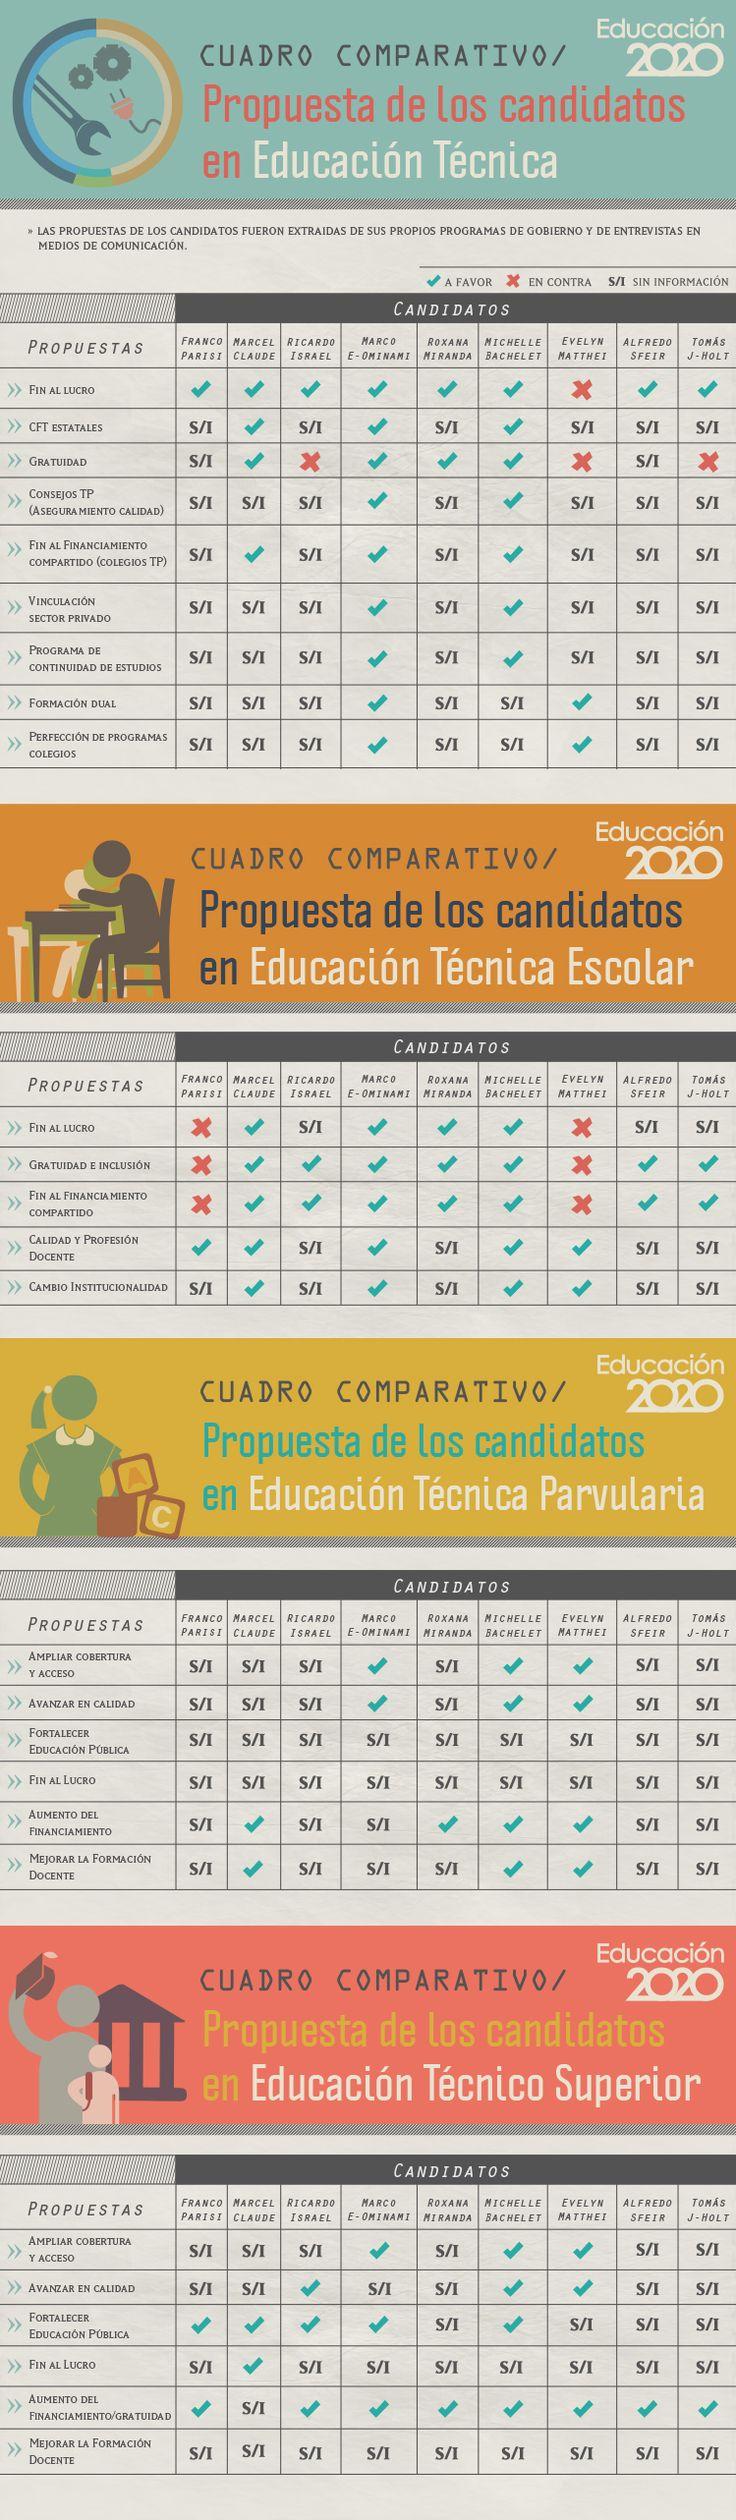 Estas son las propuestas de los candidatos presidenciales en #EducaciónTécnica